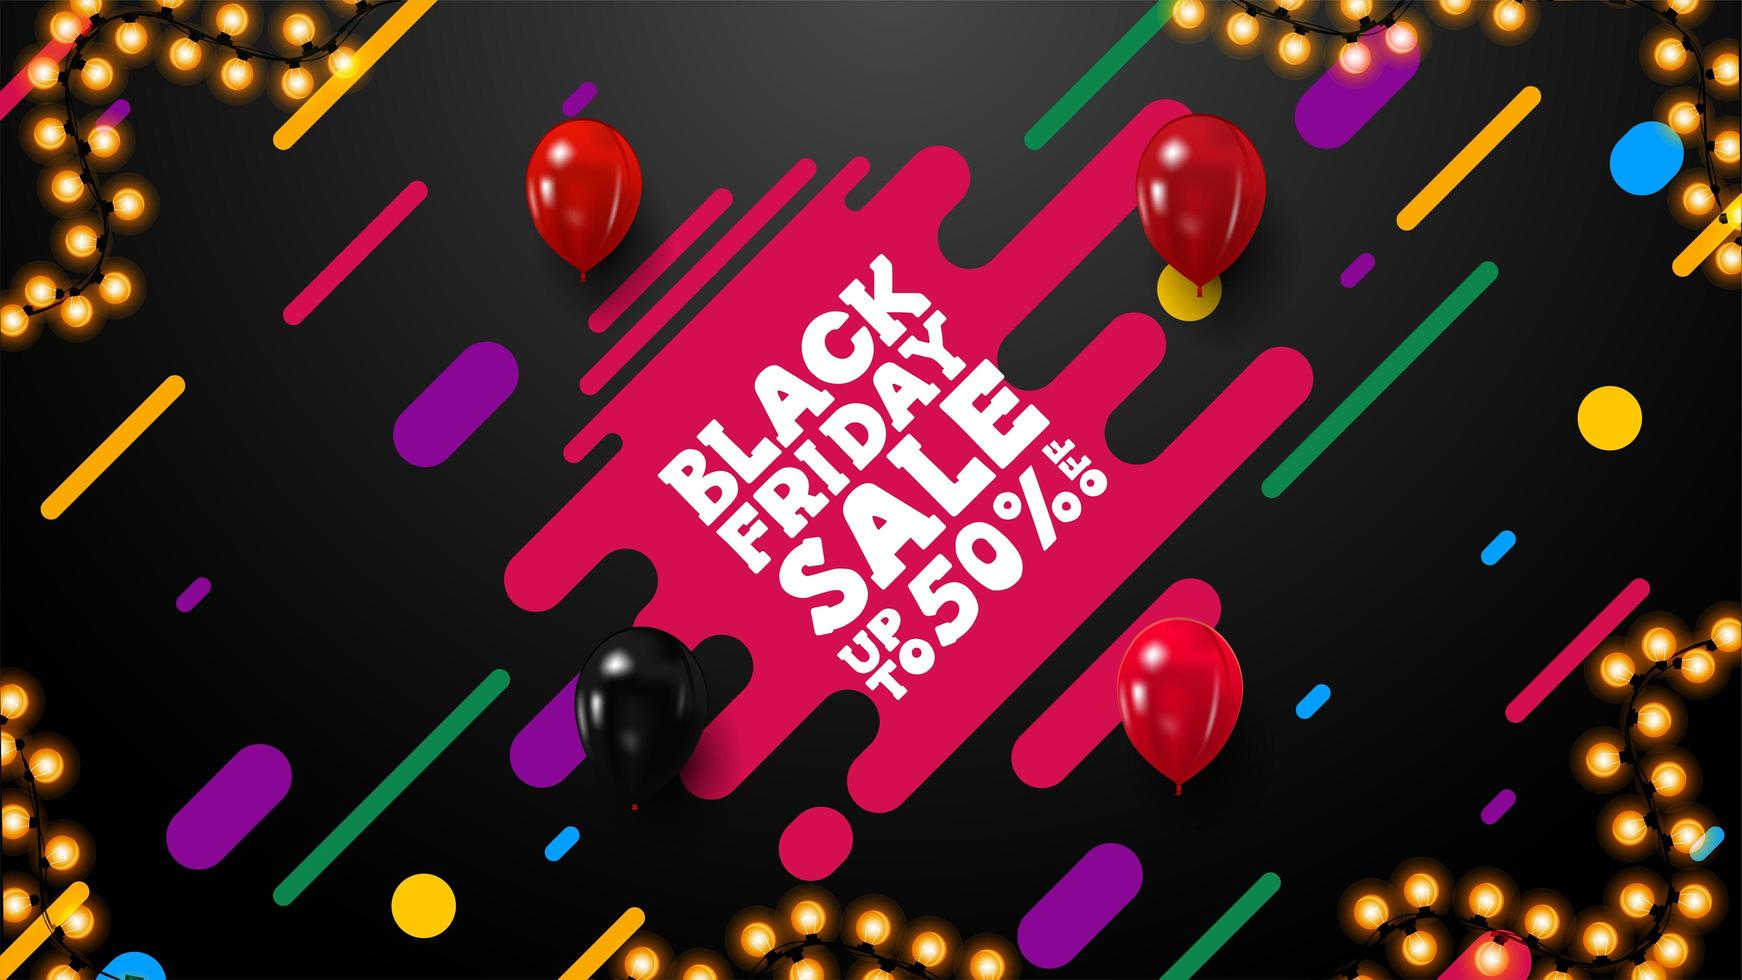 zwarte vrijdag verkoop banner met diagonale gekleurde vormen vector